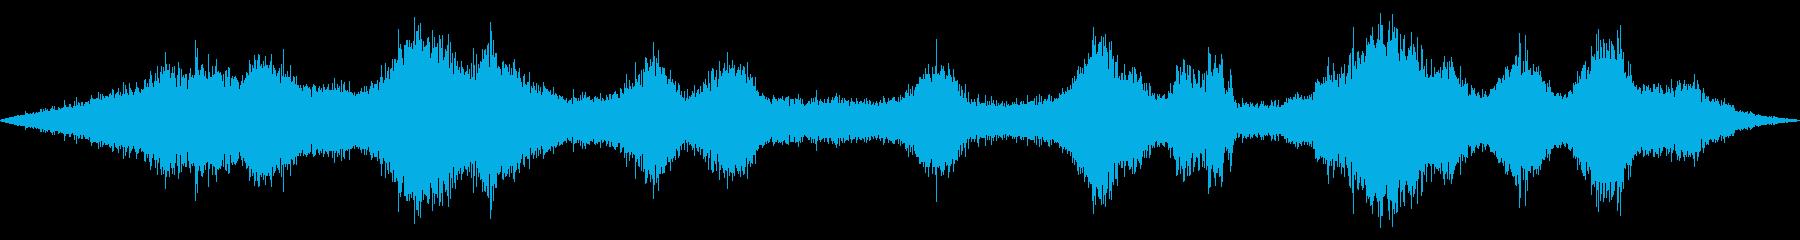 交差点の音 車や信号・雑踏等 その3の再生済みの波形